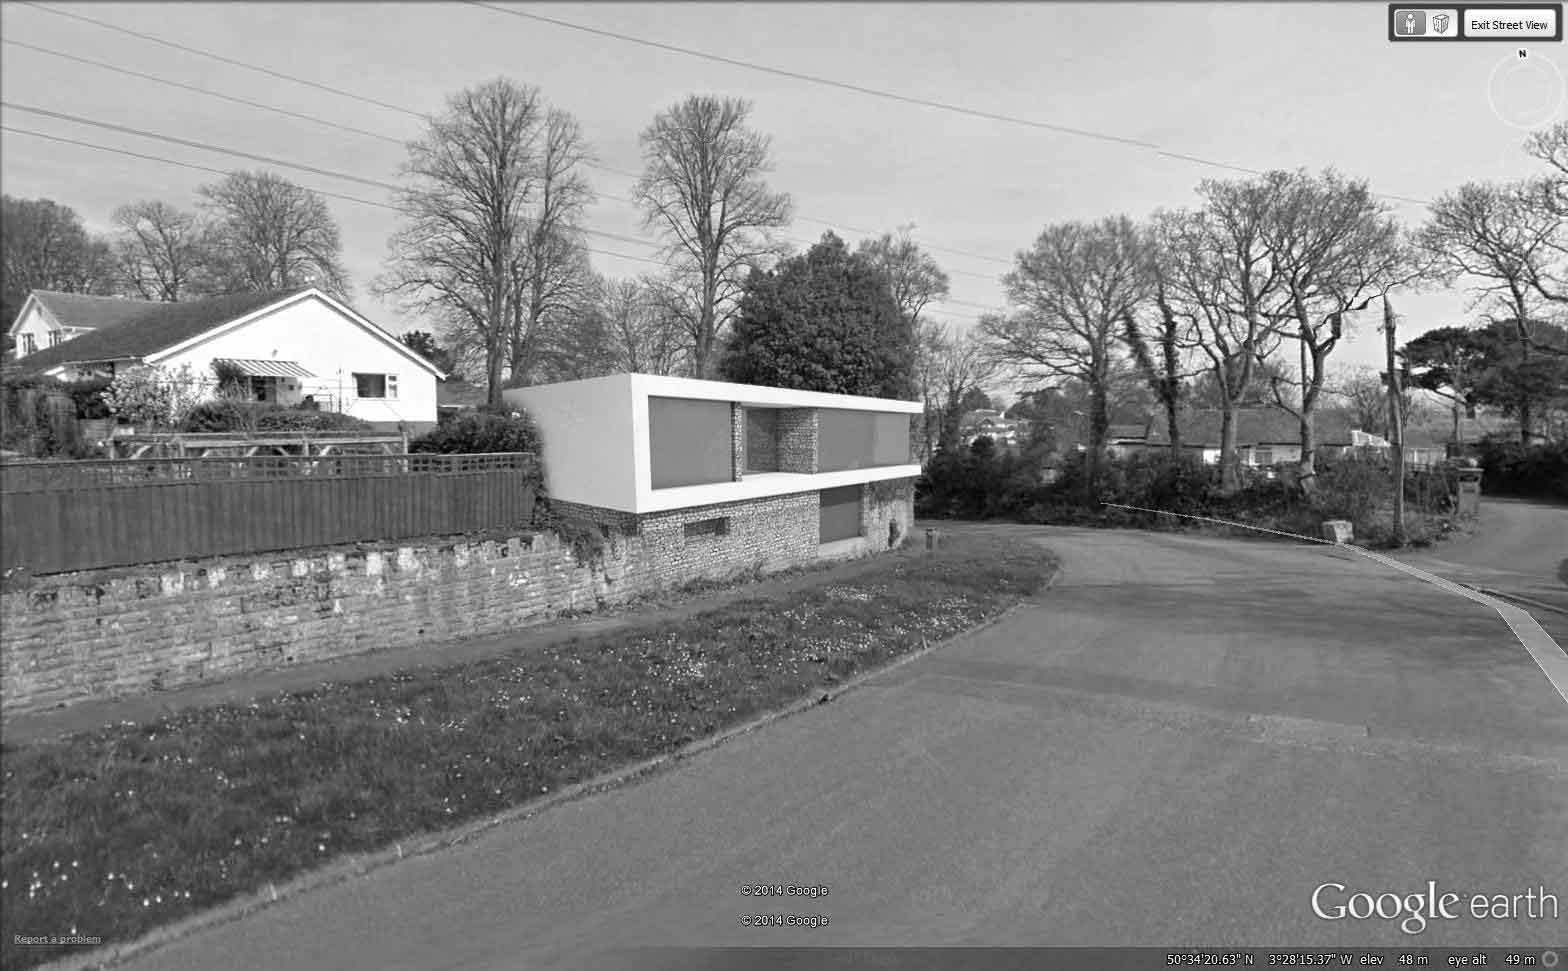 Proposed new dwelling design in Dawlish